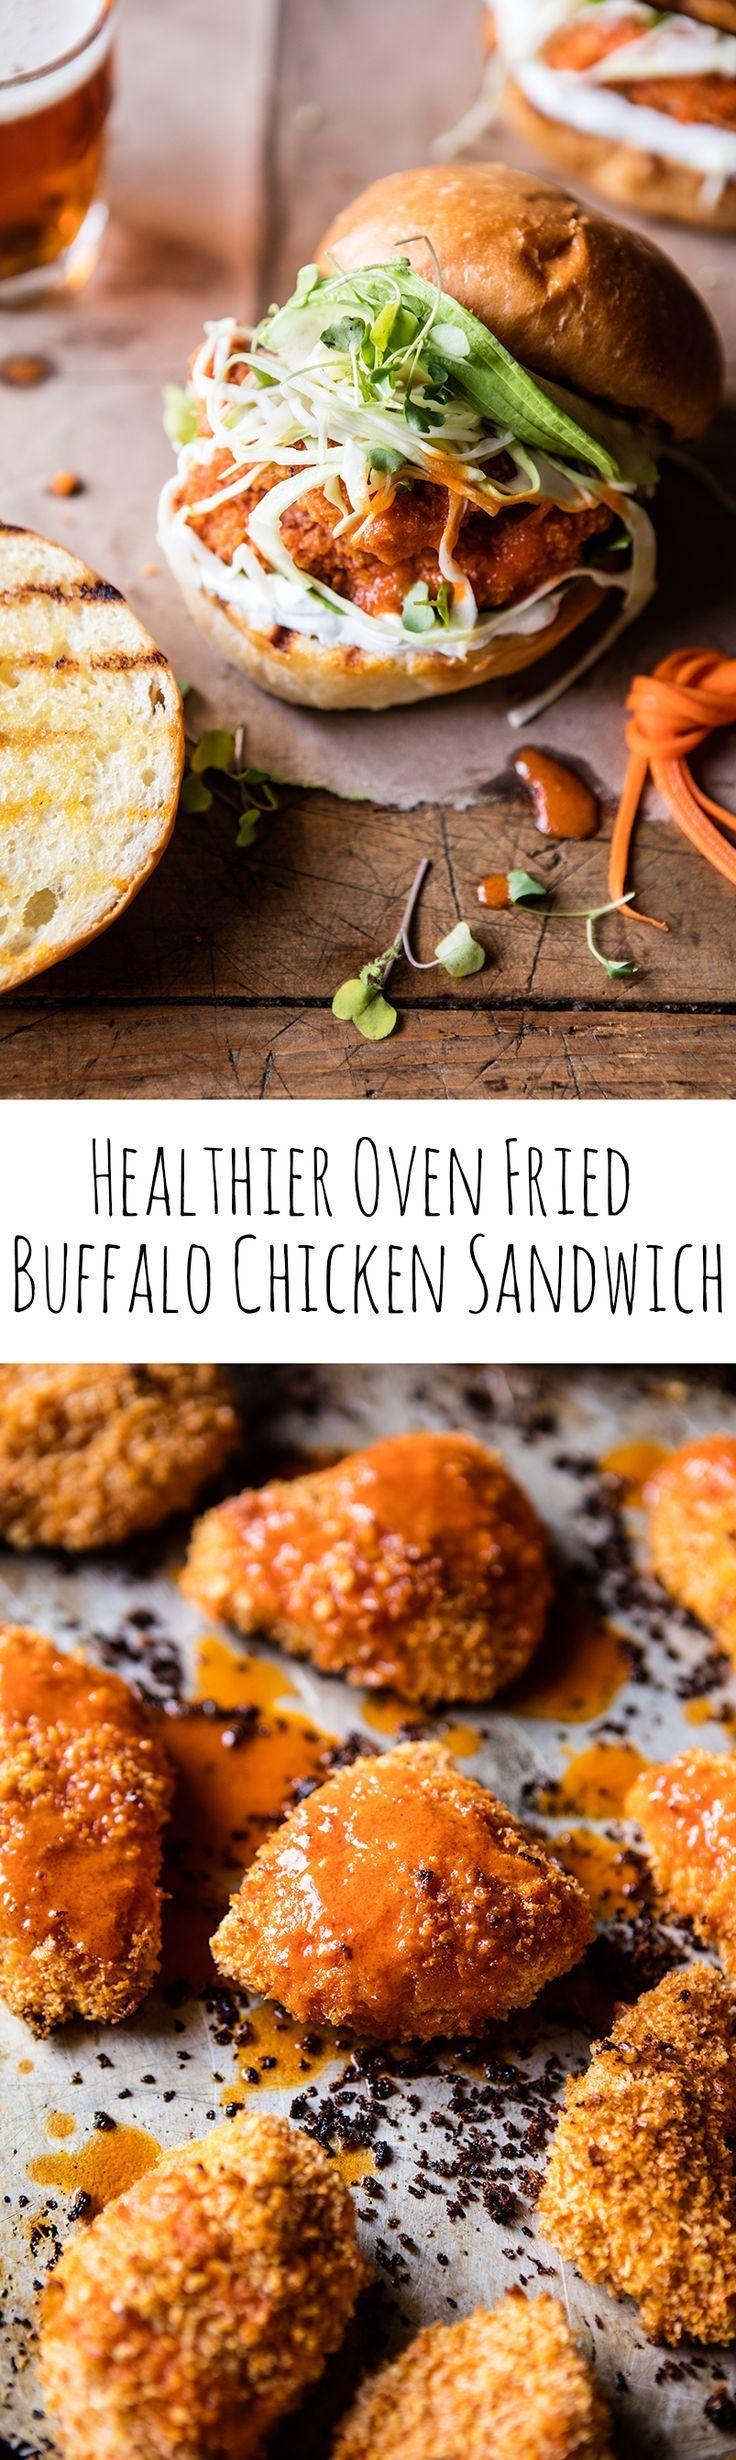 174 Best Sandwiches Lunch Burgers Images On Pinterest Sandwich